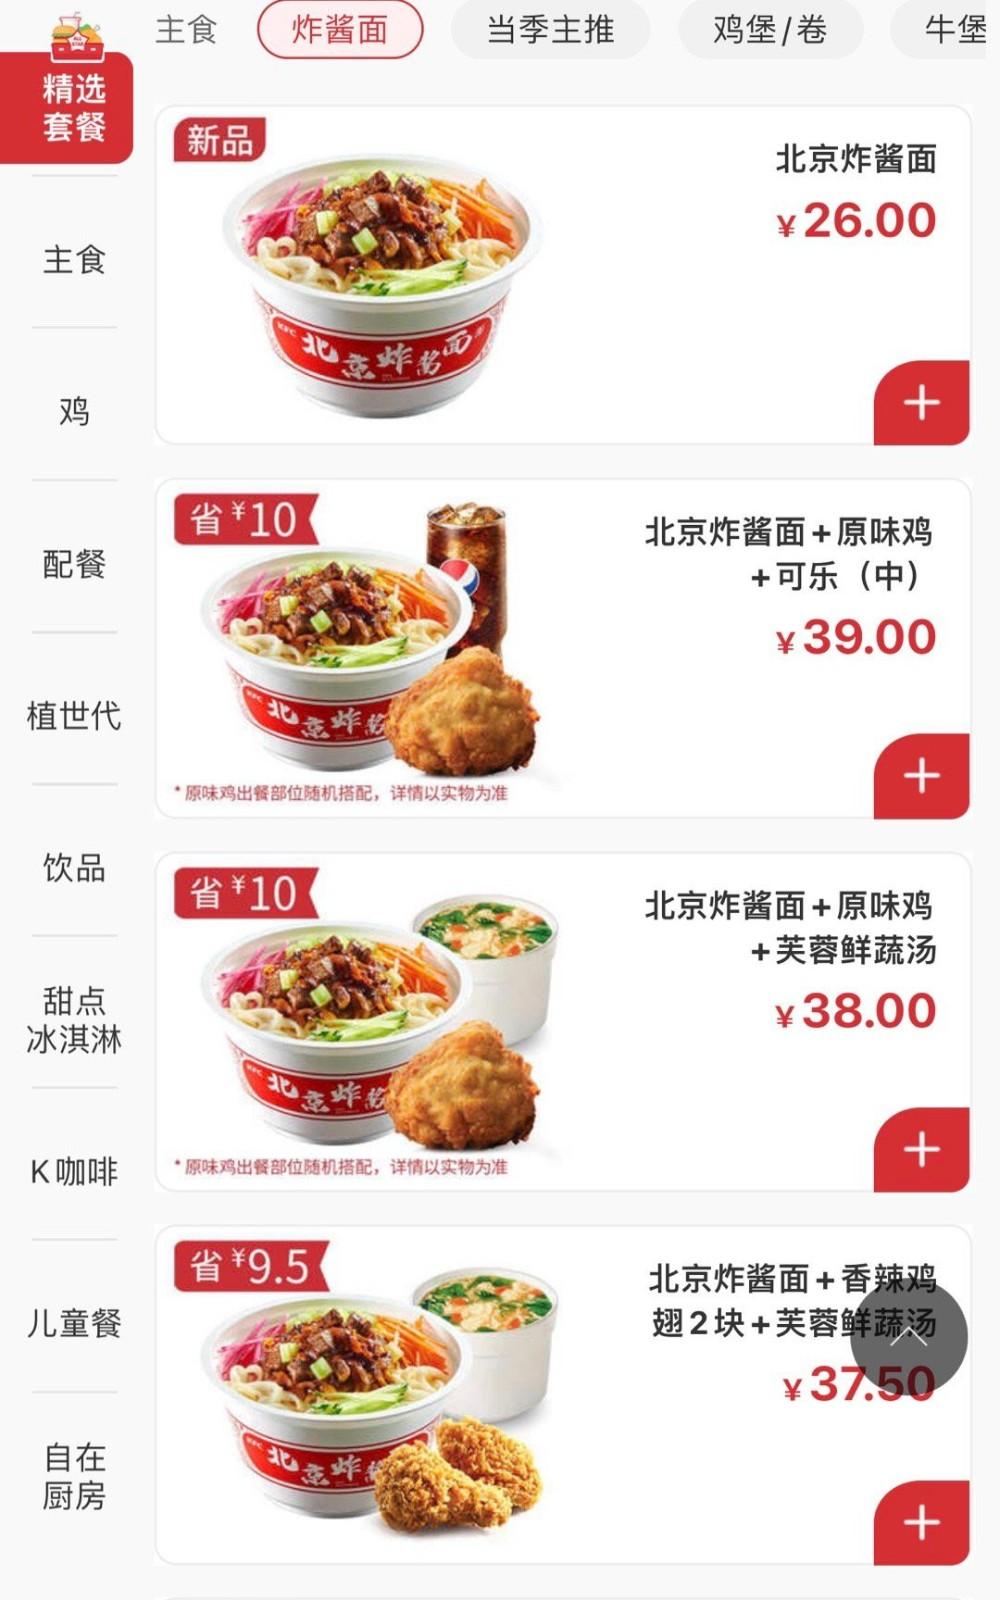 肯德基推出北京炸酱面!北京地区限定发售